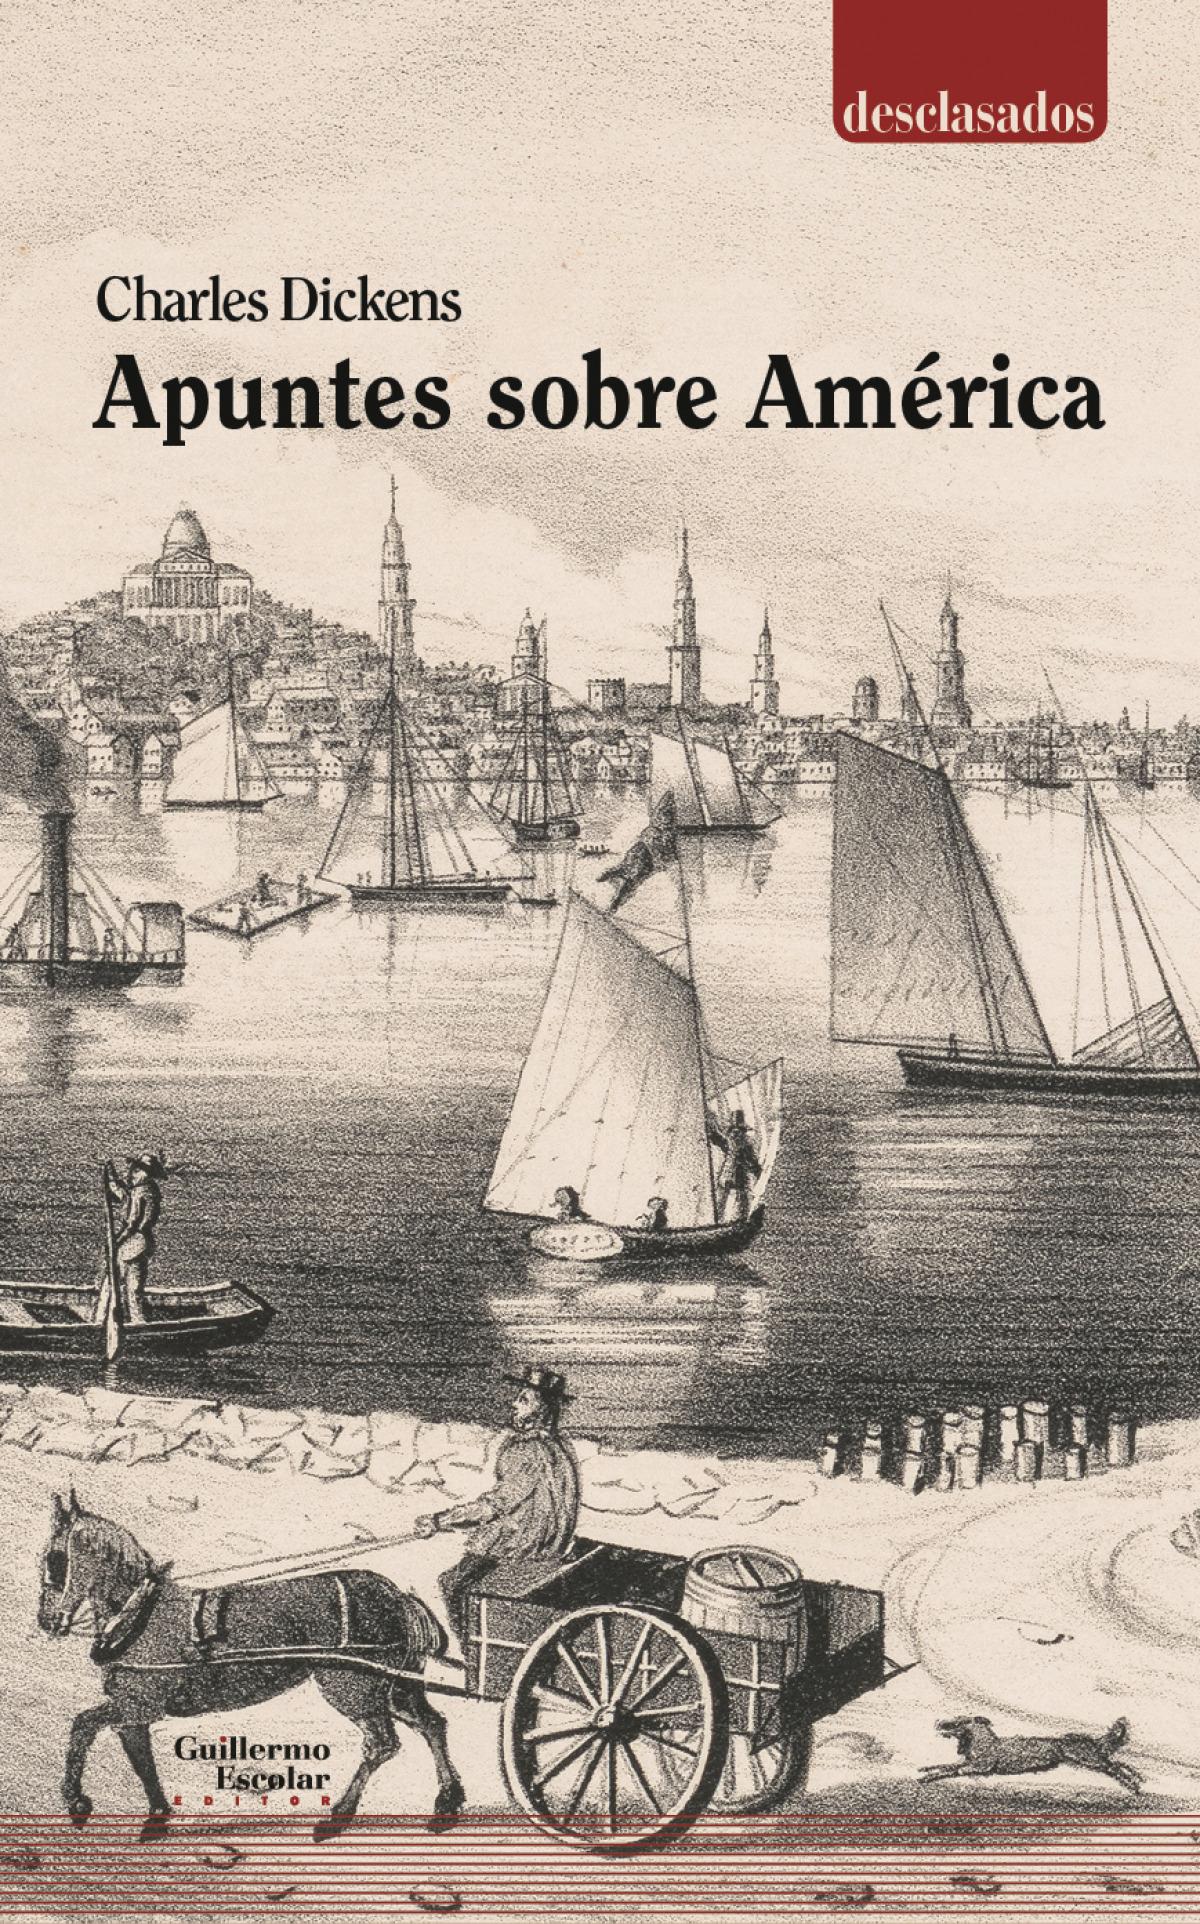 Apuntes sobre América